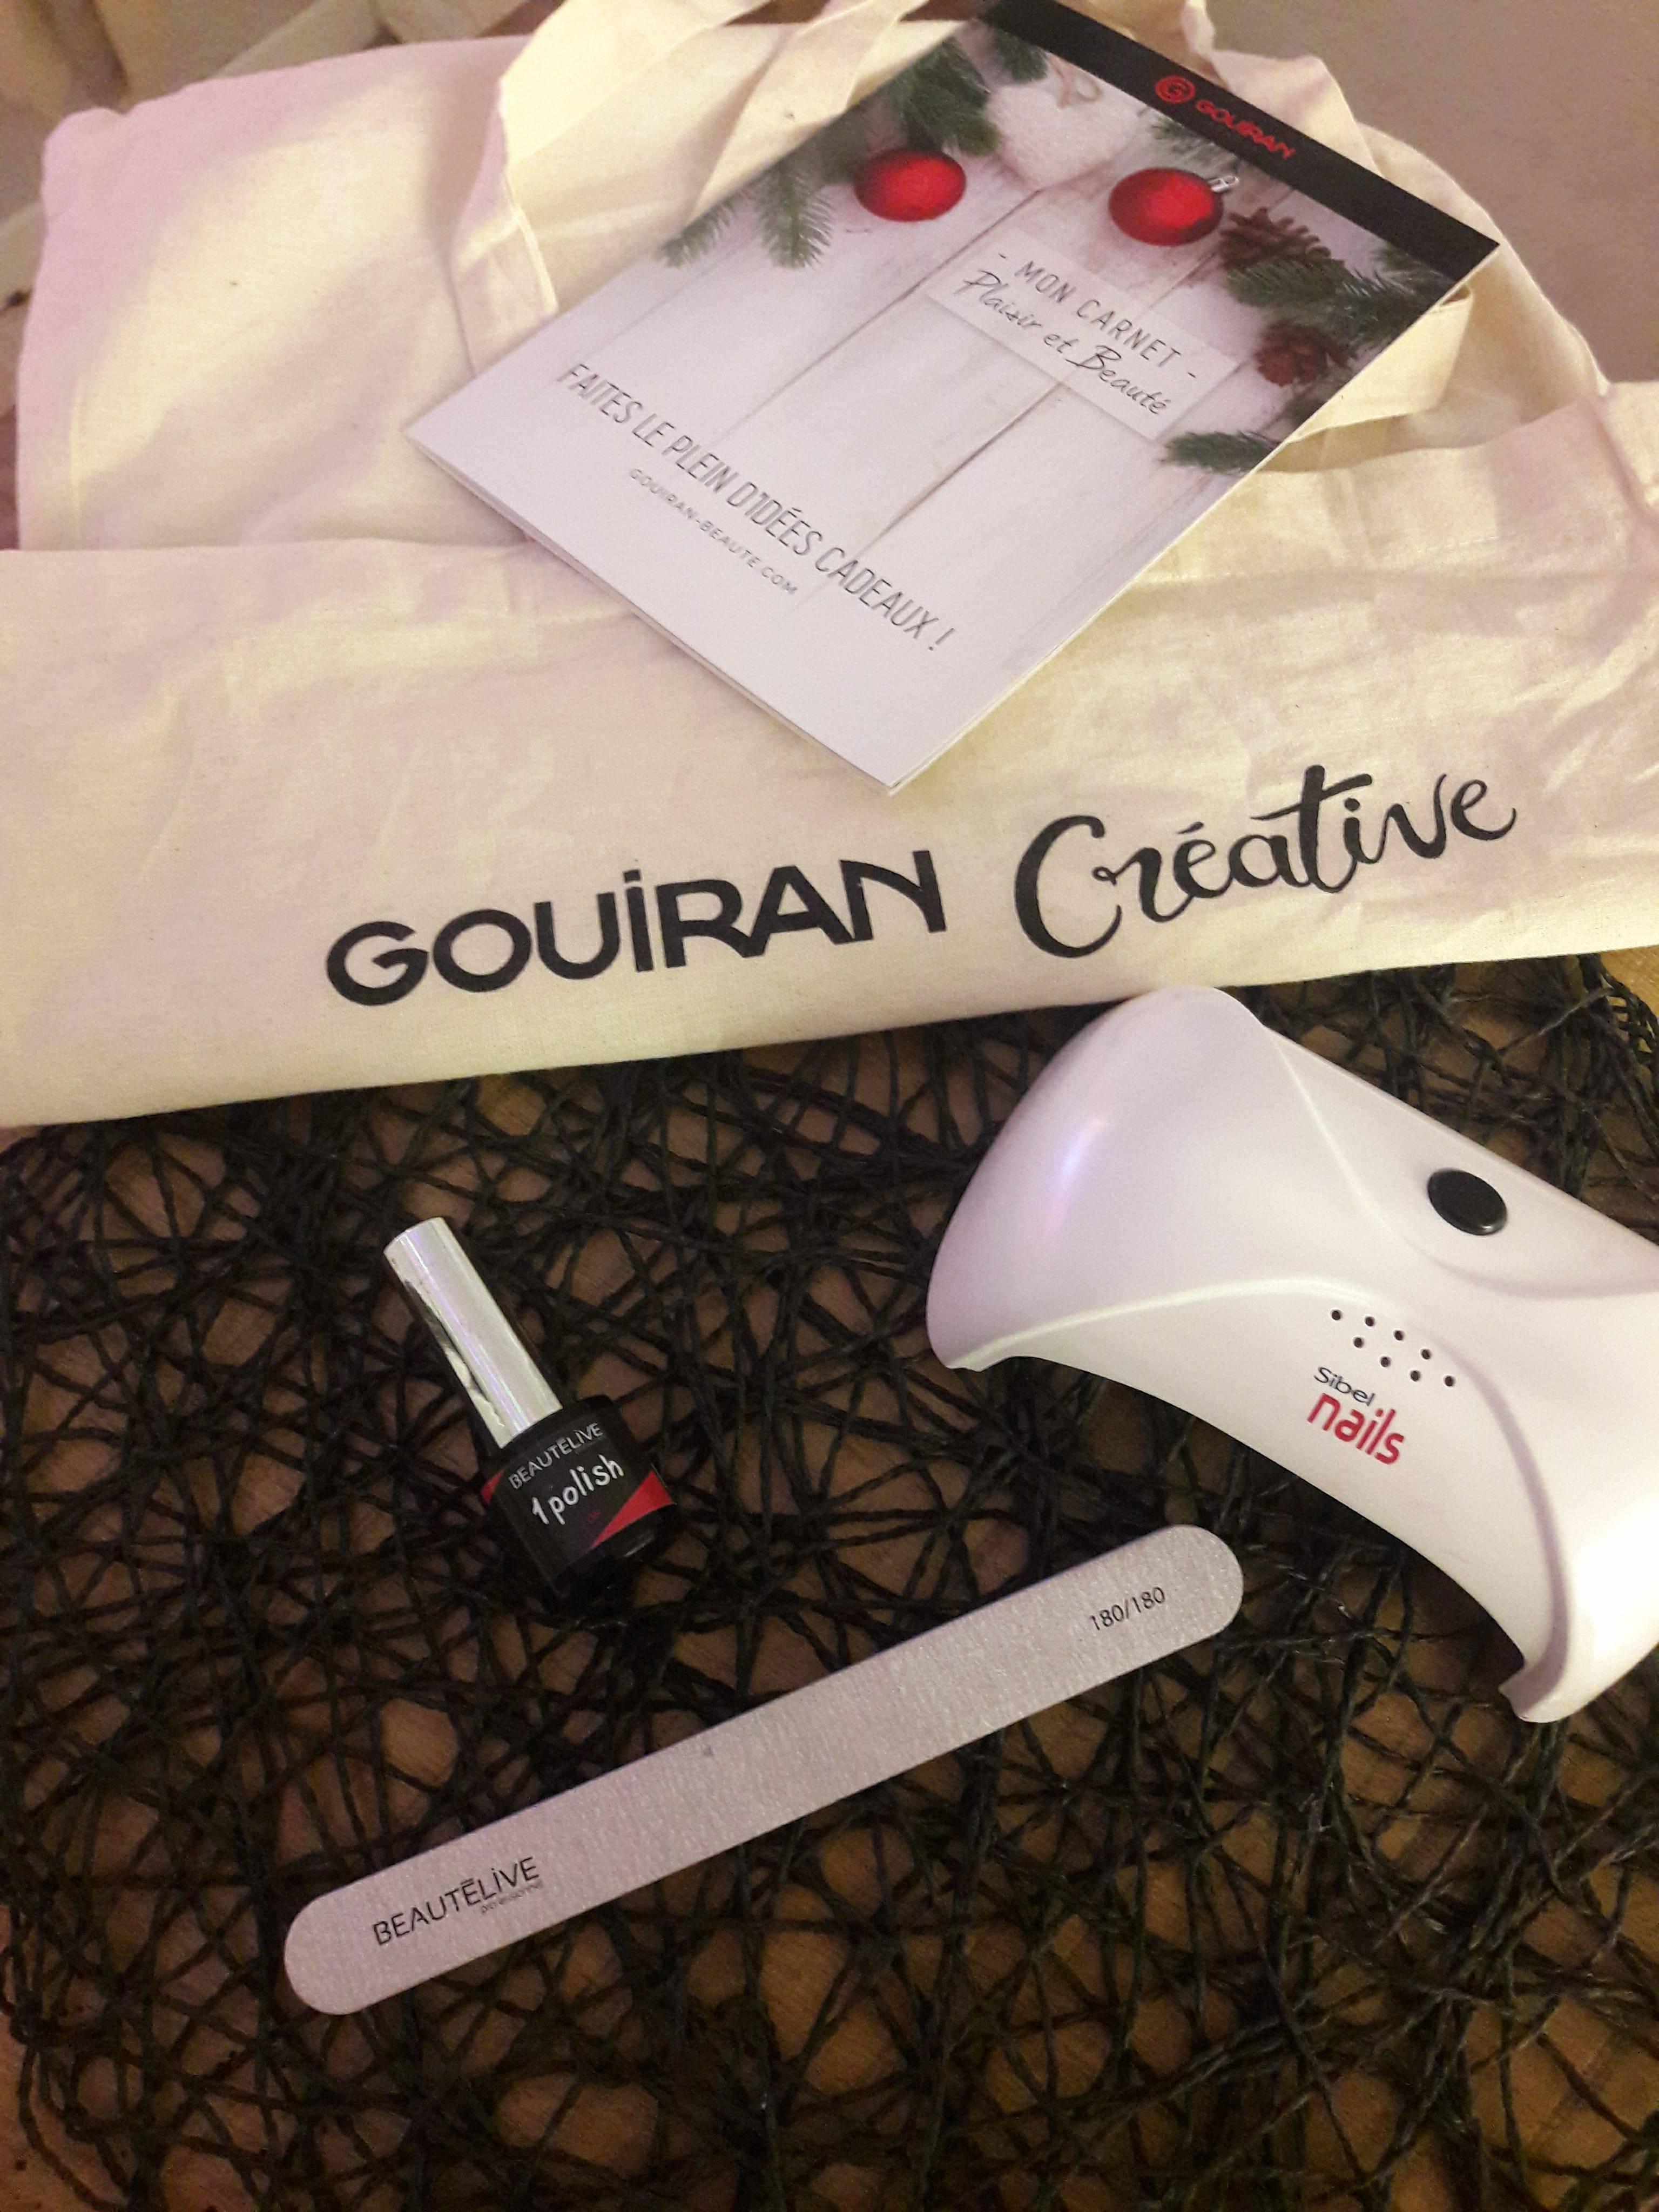 Test Gouiran Avec Permanente Semi Beautélive Créative Manucure De tQsdhr